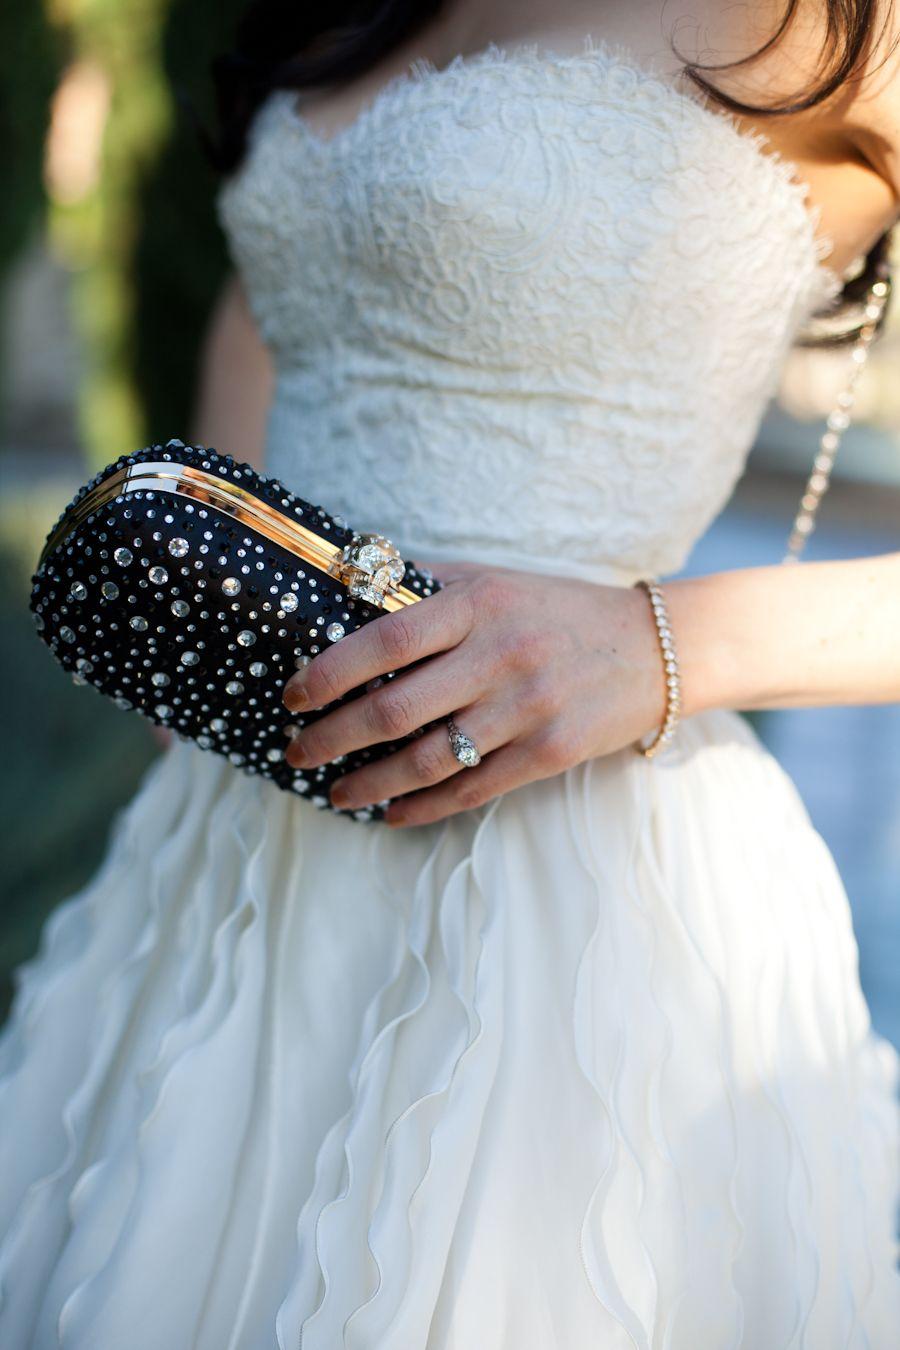 Monique Lhuillier wedding gown dress beverly hills skeleton clutch ...